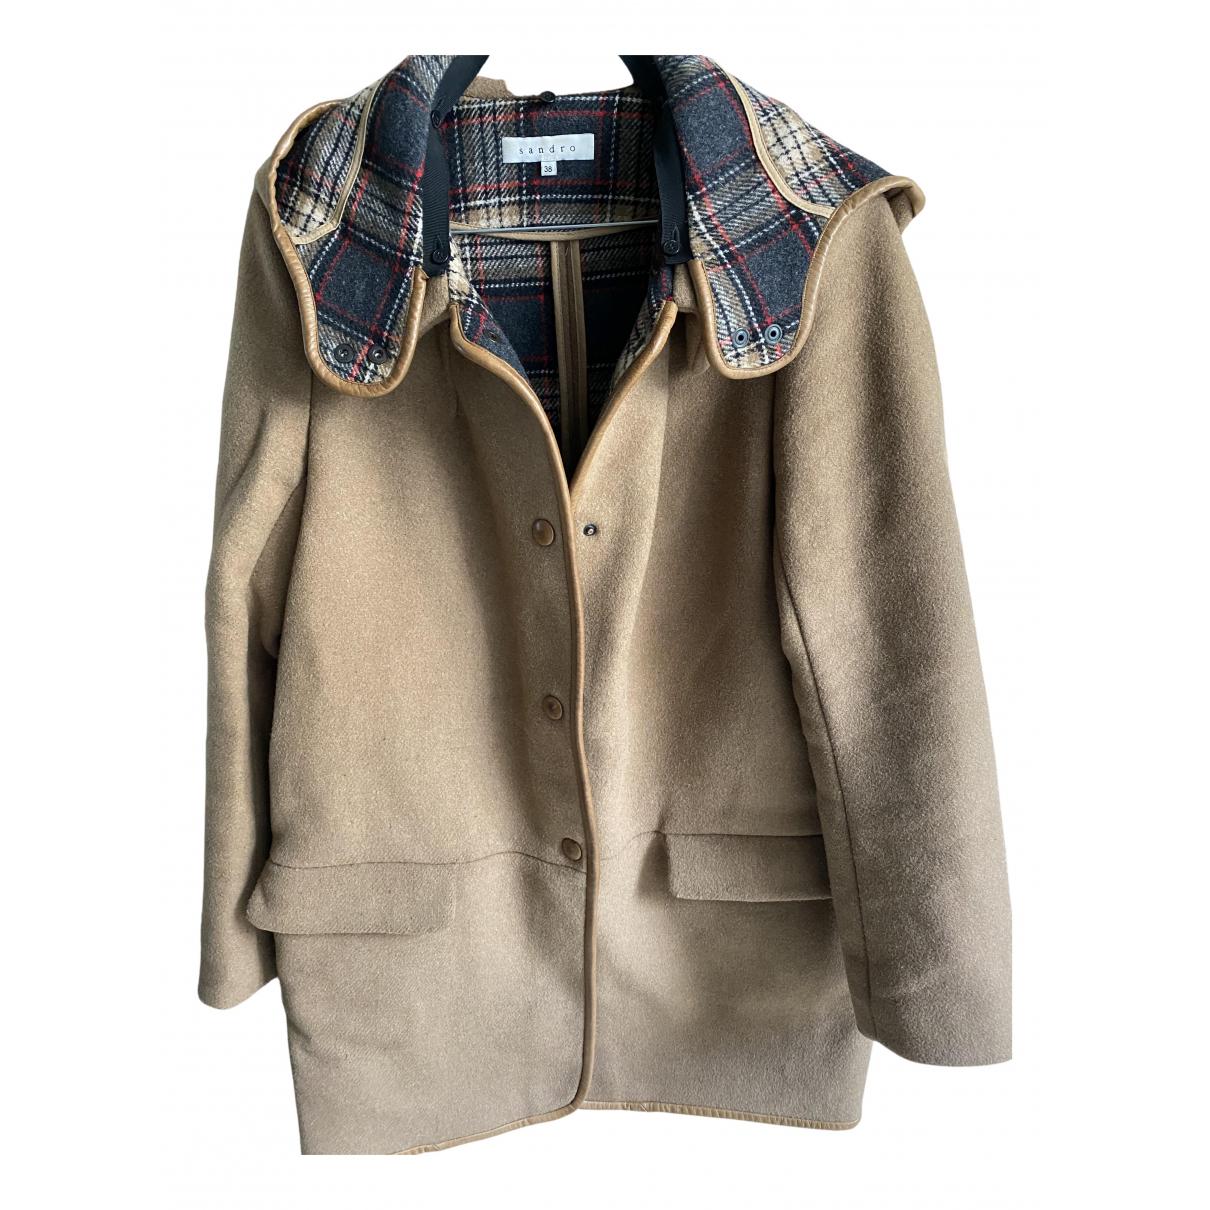 Sandro Fall Winter 2019 Camel Wool coat for Women 36 FR